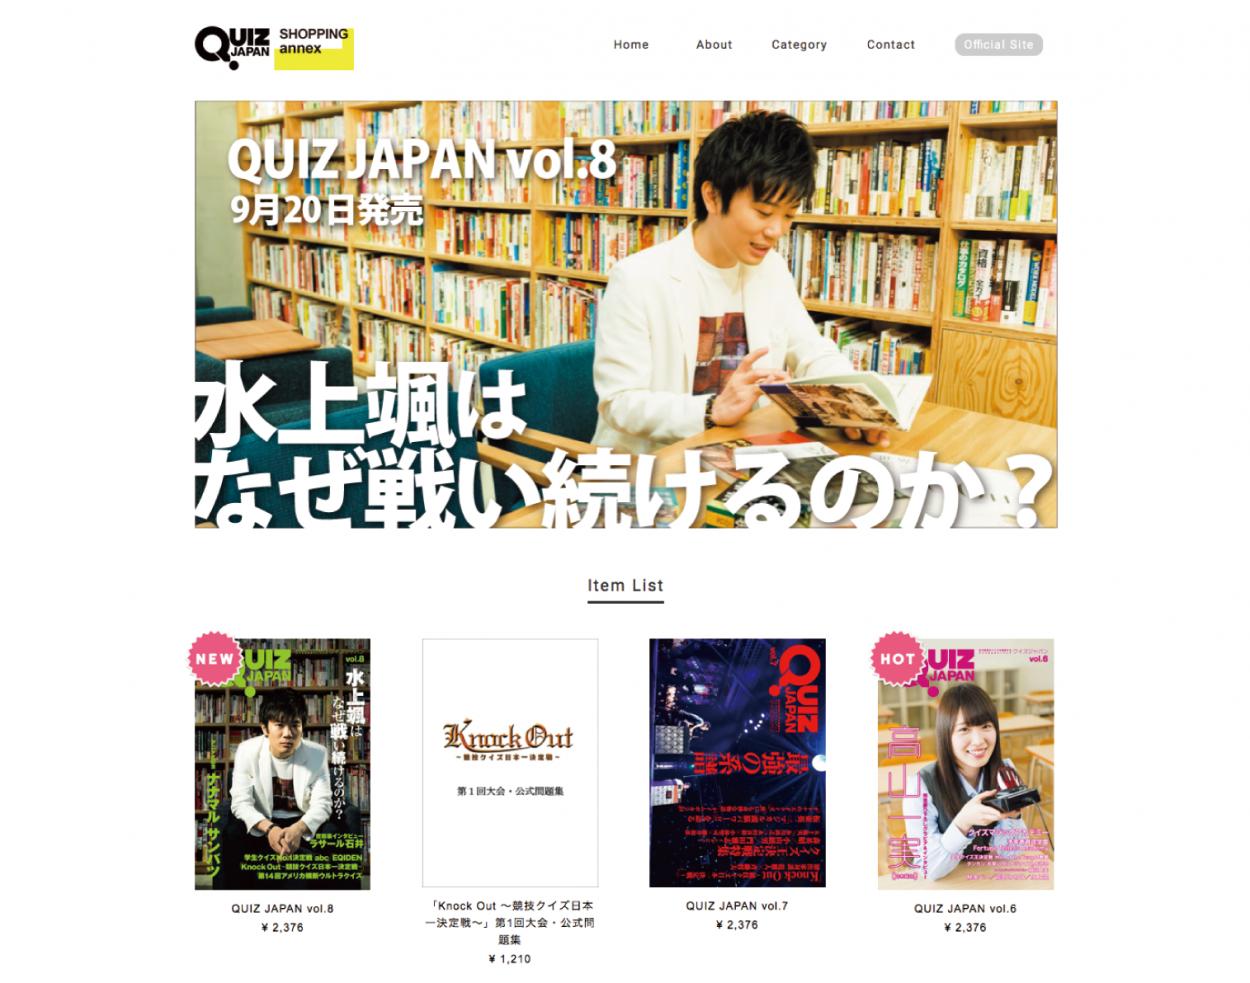 クレジットカード決済にも対応した新ECサイト<br>「QUIZ JAPAN SHOPPING annex」がオープン!!